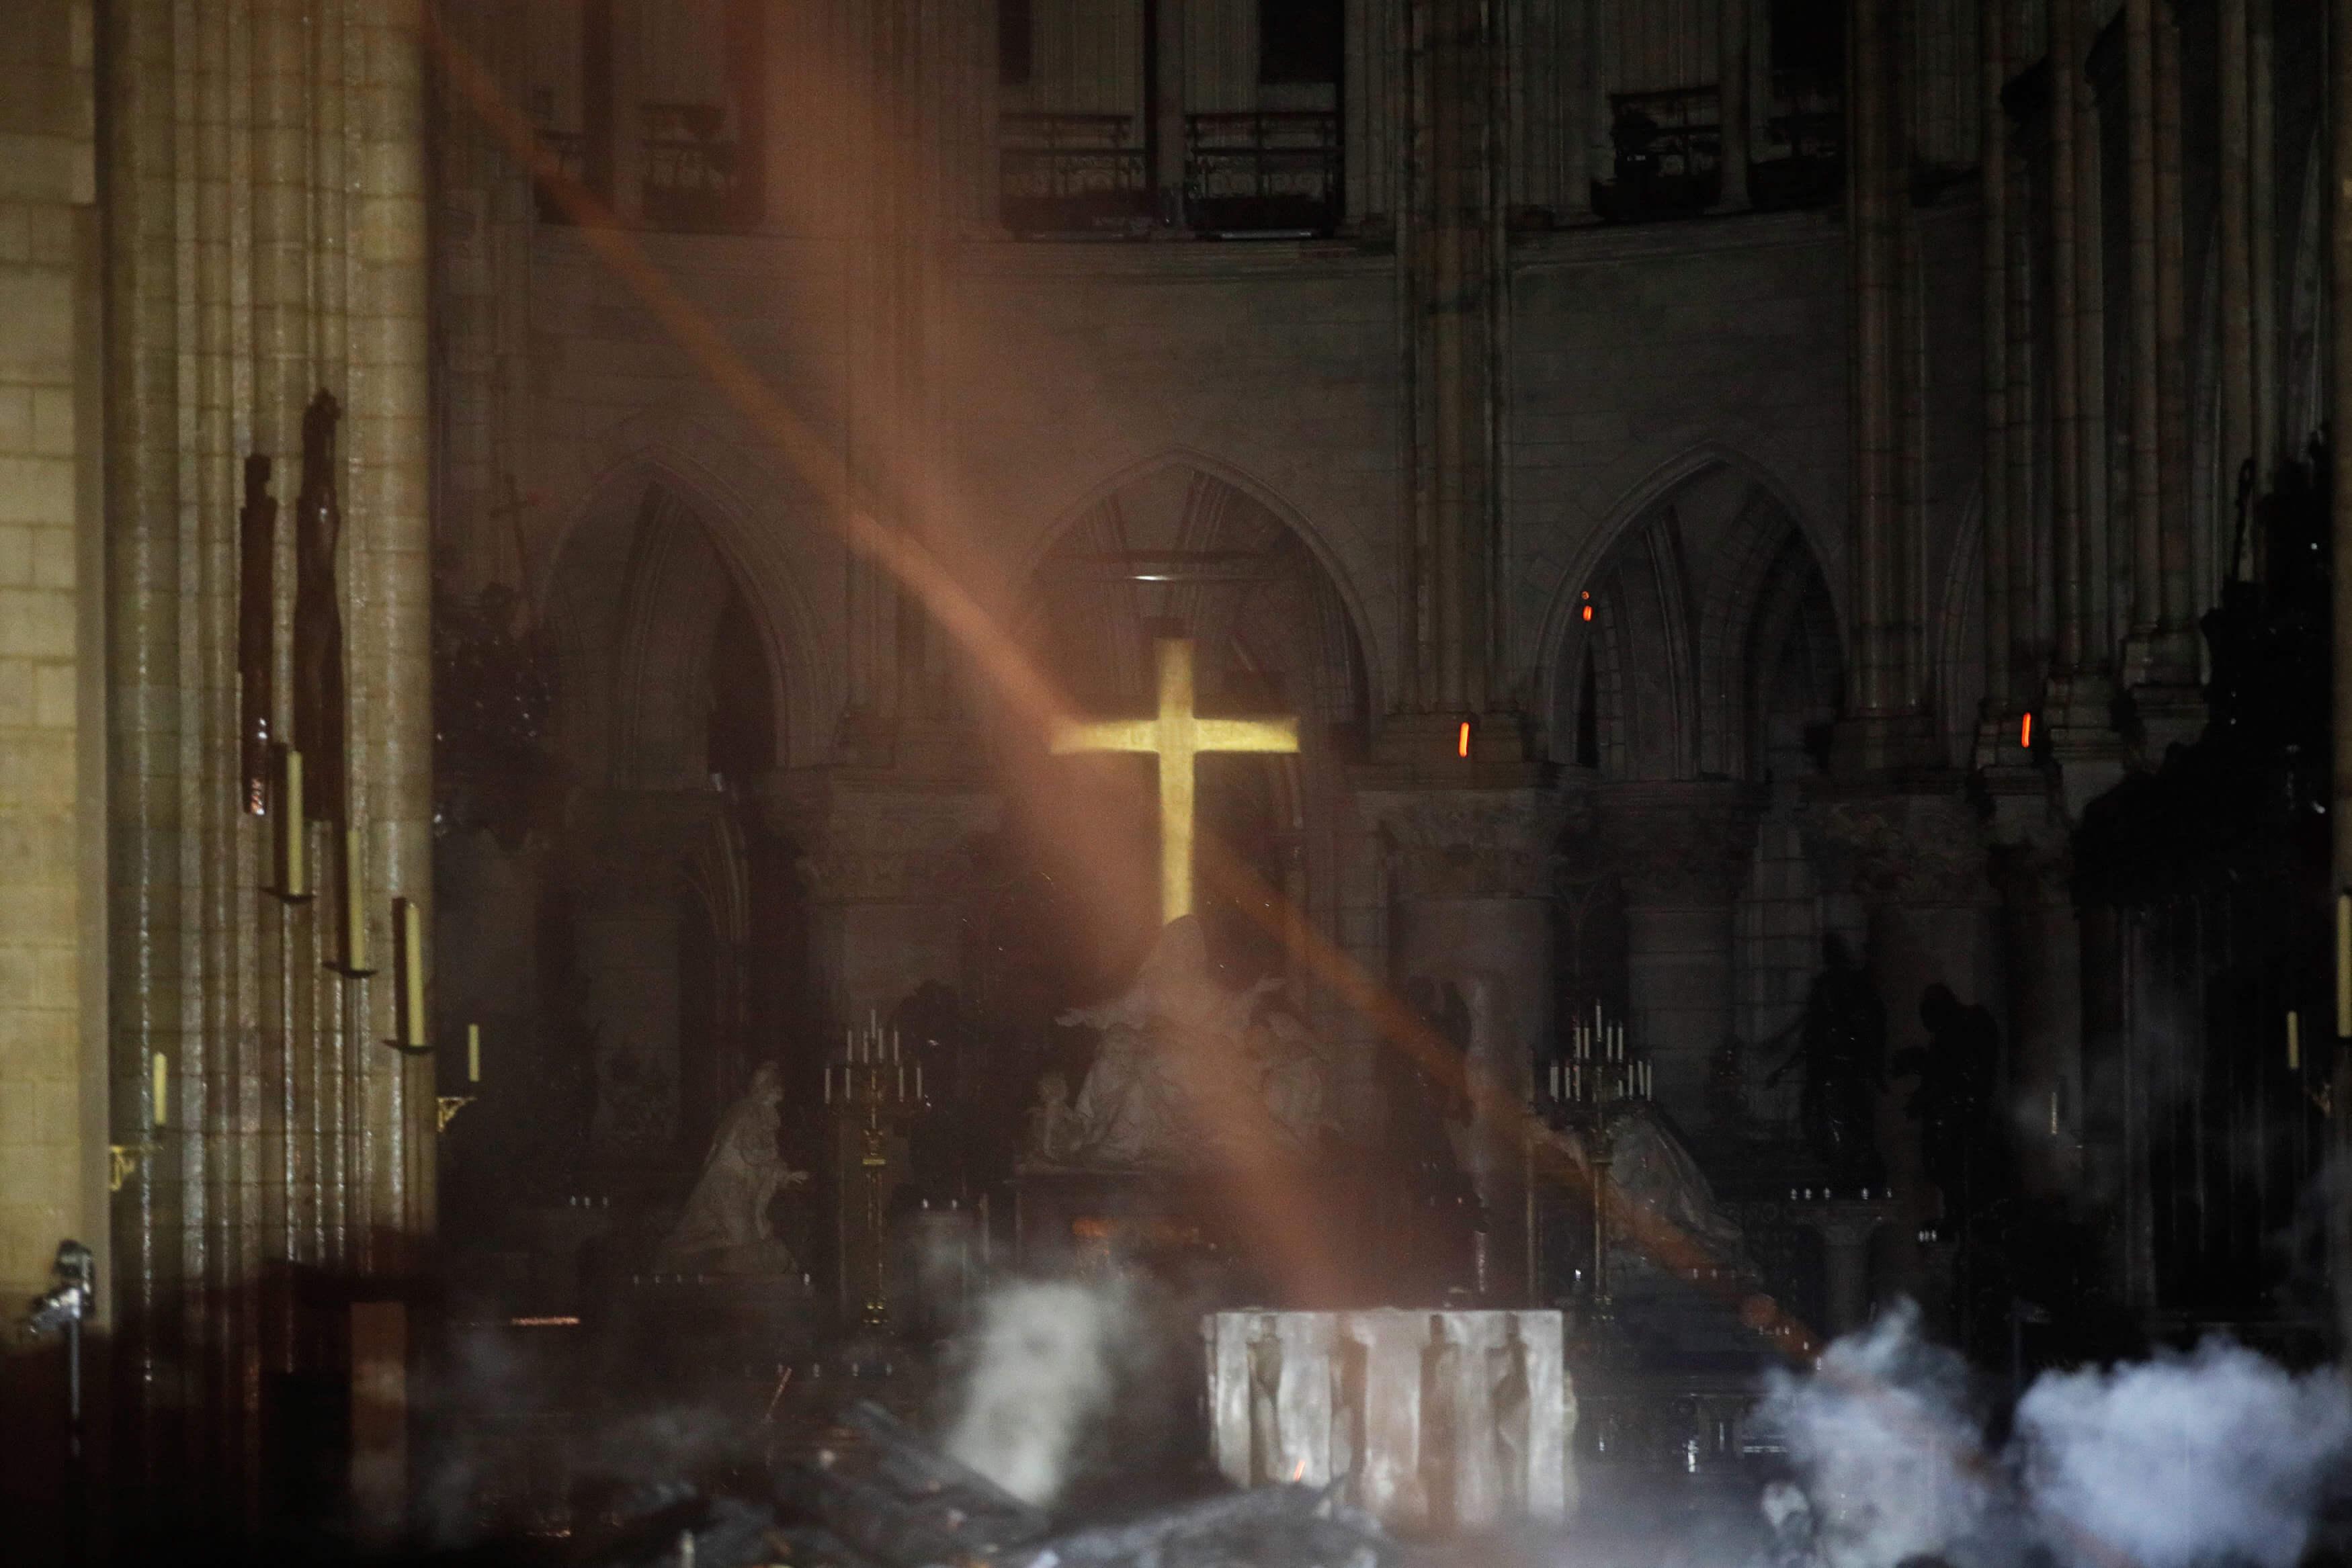 Παναγία των Παρισίων: Εικόνες σοκ μέσα από τον Καθεδρικό – Υπό έλεγχο η φωτιά